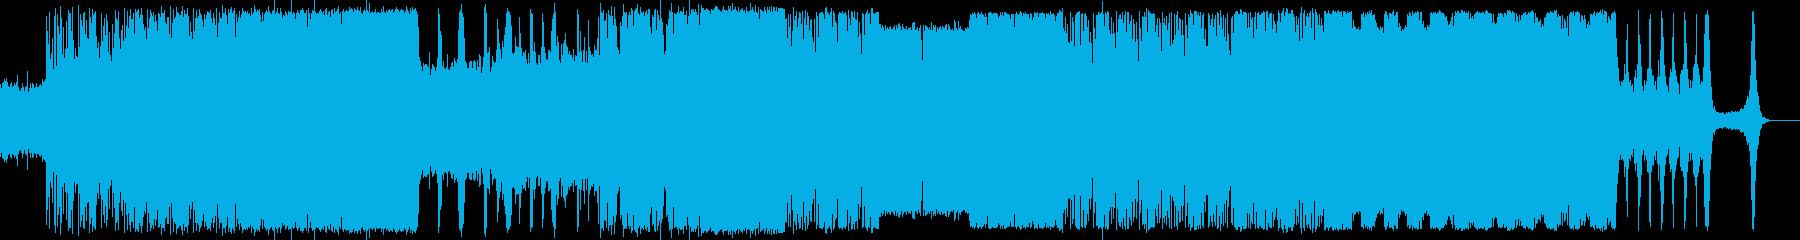 緊張感のあるオーケストラと電子音サウンドの再生済みの波形